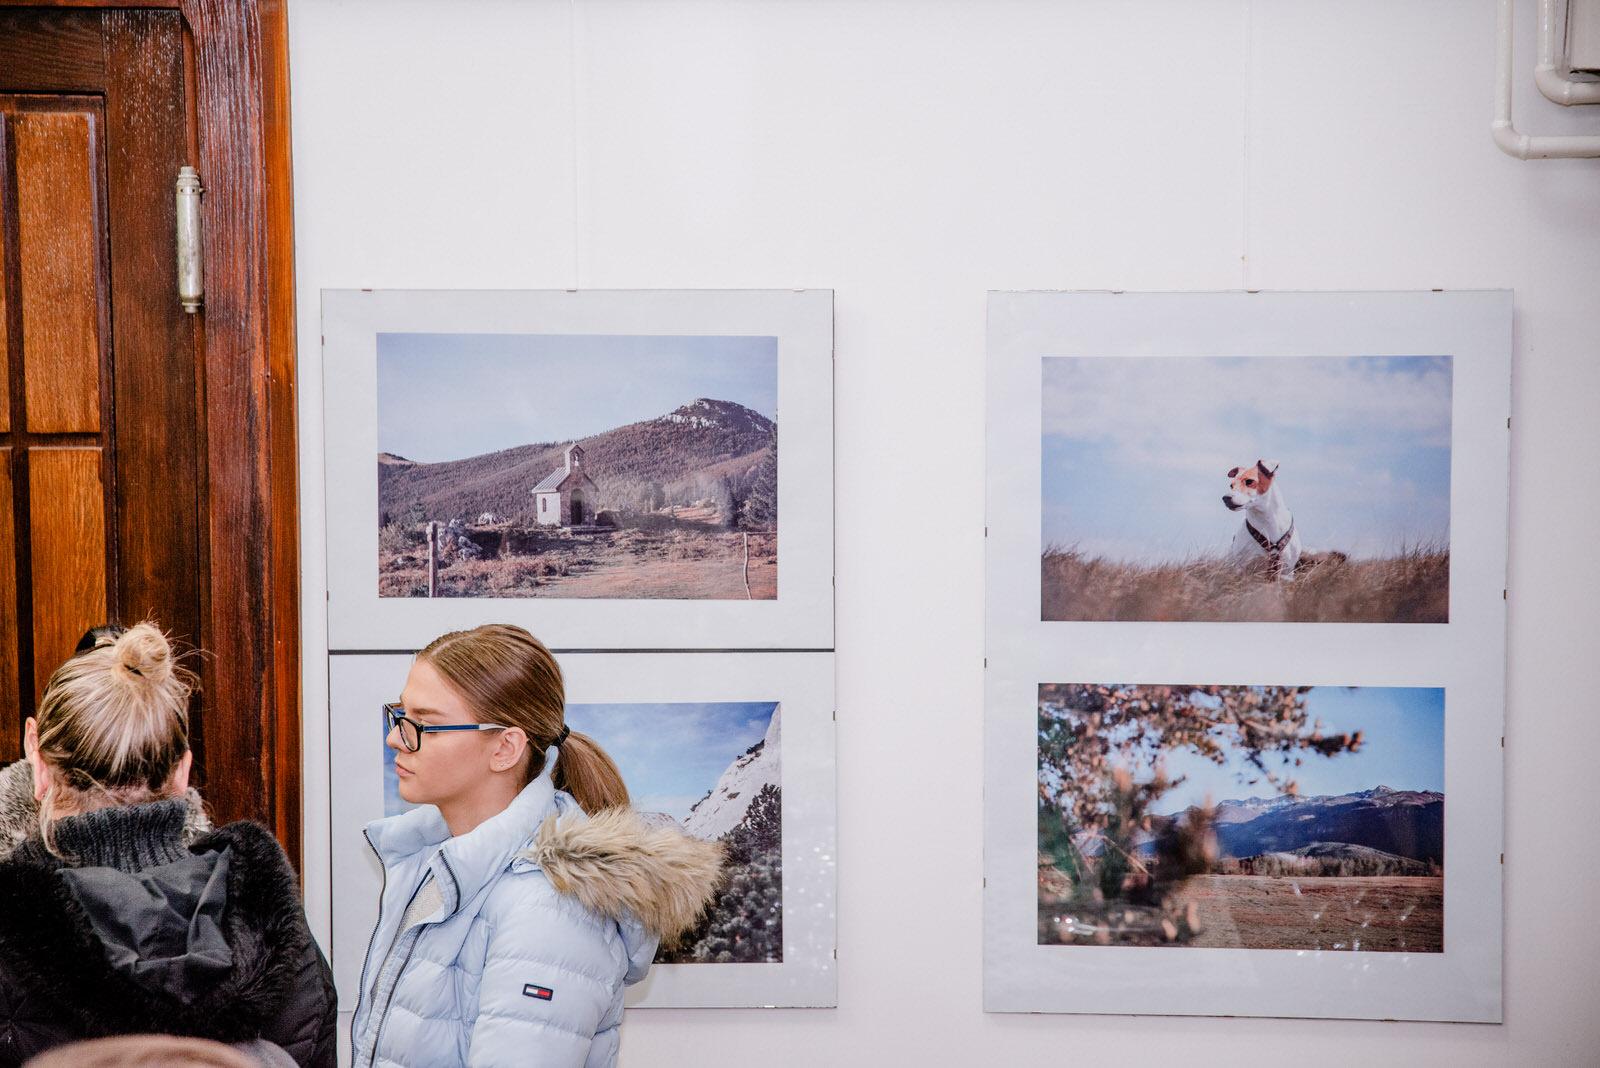 likaclub_izložba fotografije nita ratković_2020 (5)